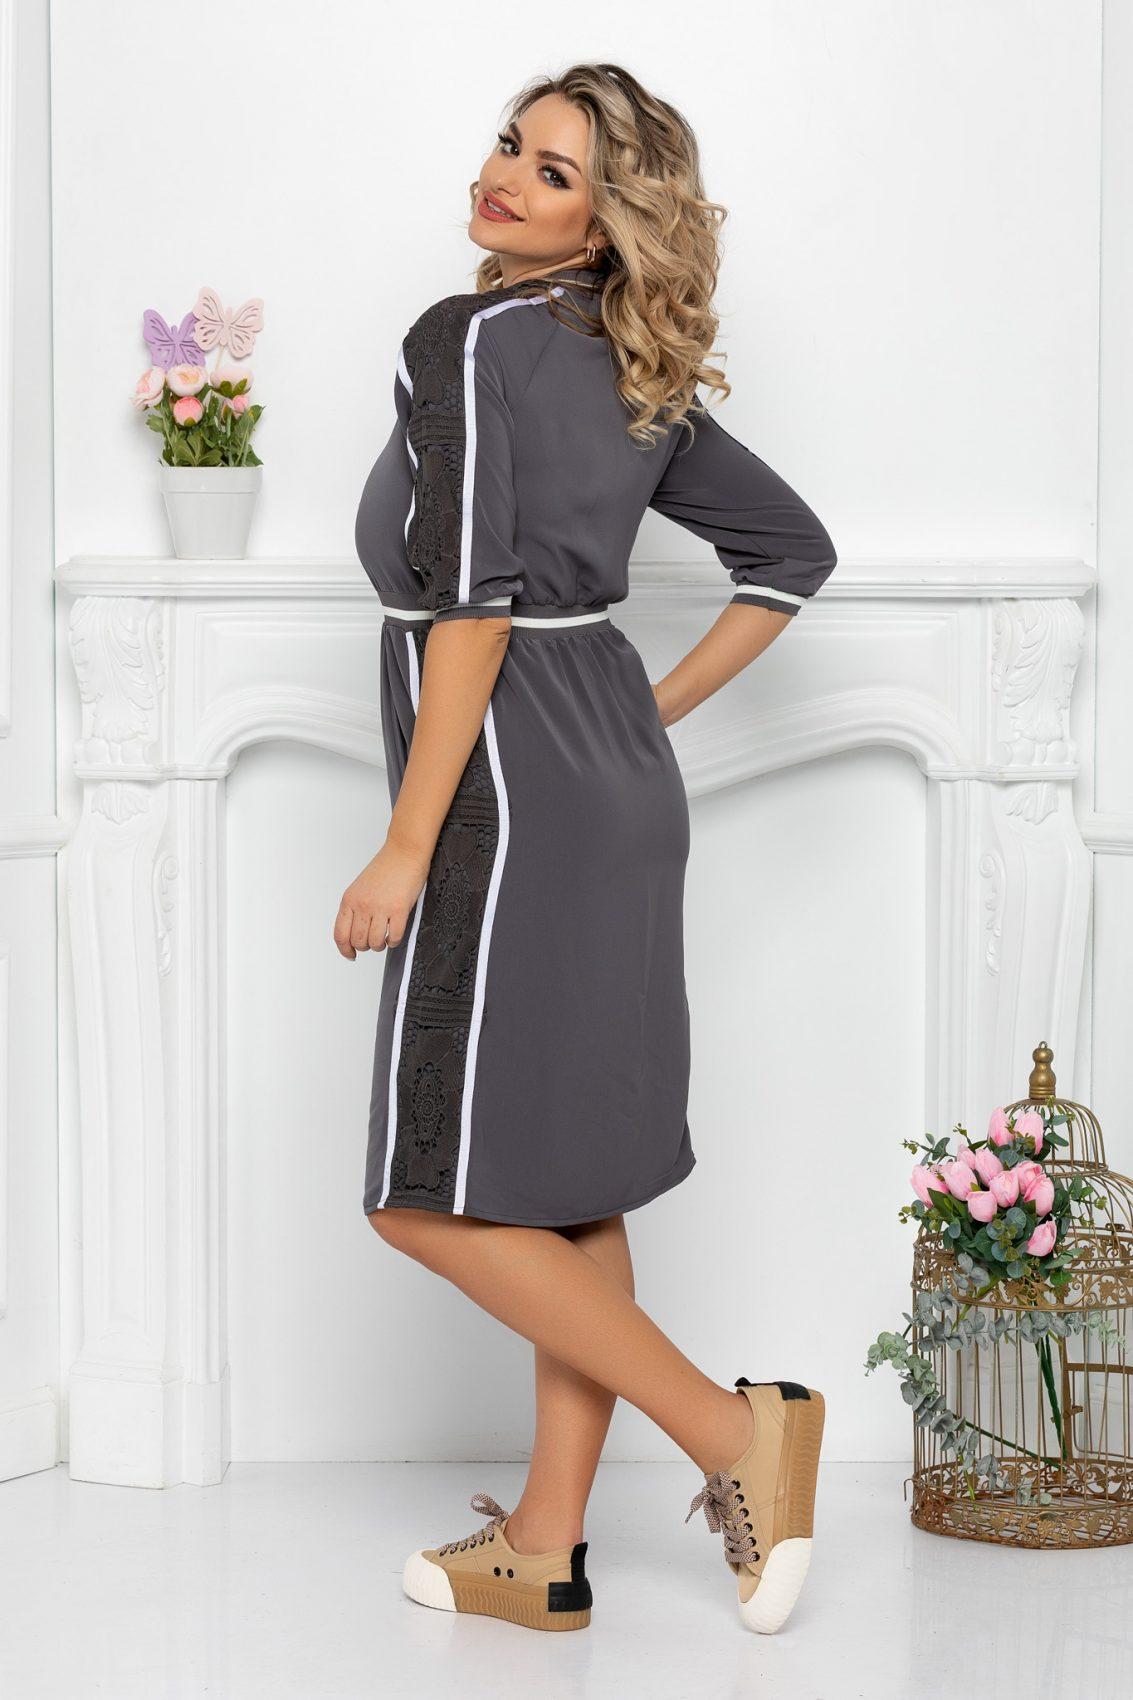 Γκρι Φόρεμα Με Φερμουάρ Helga 9385 2